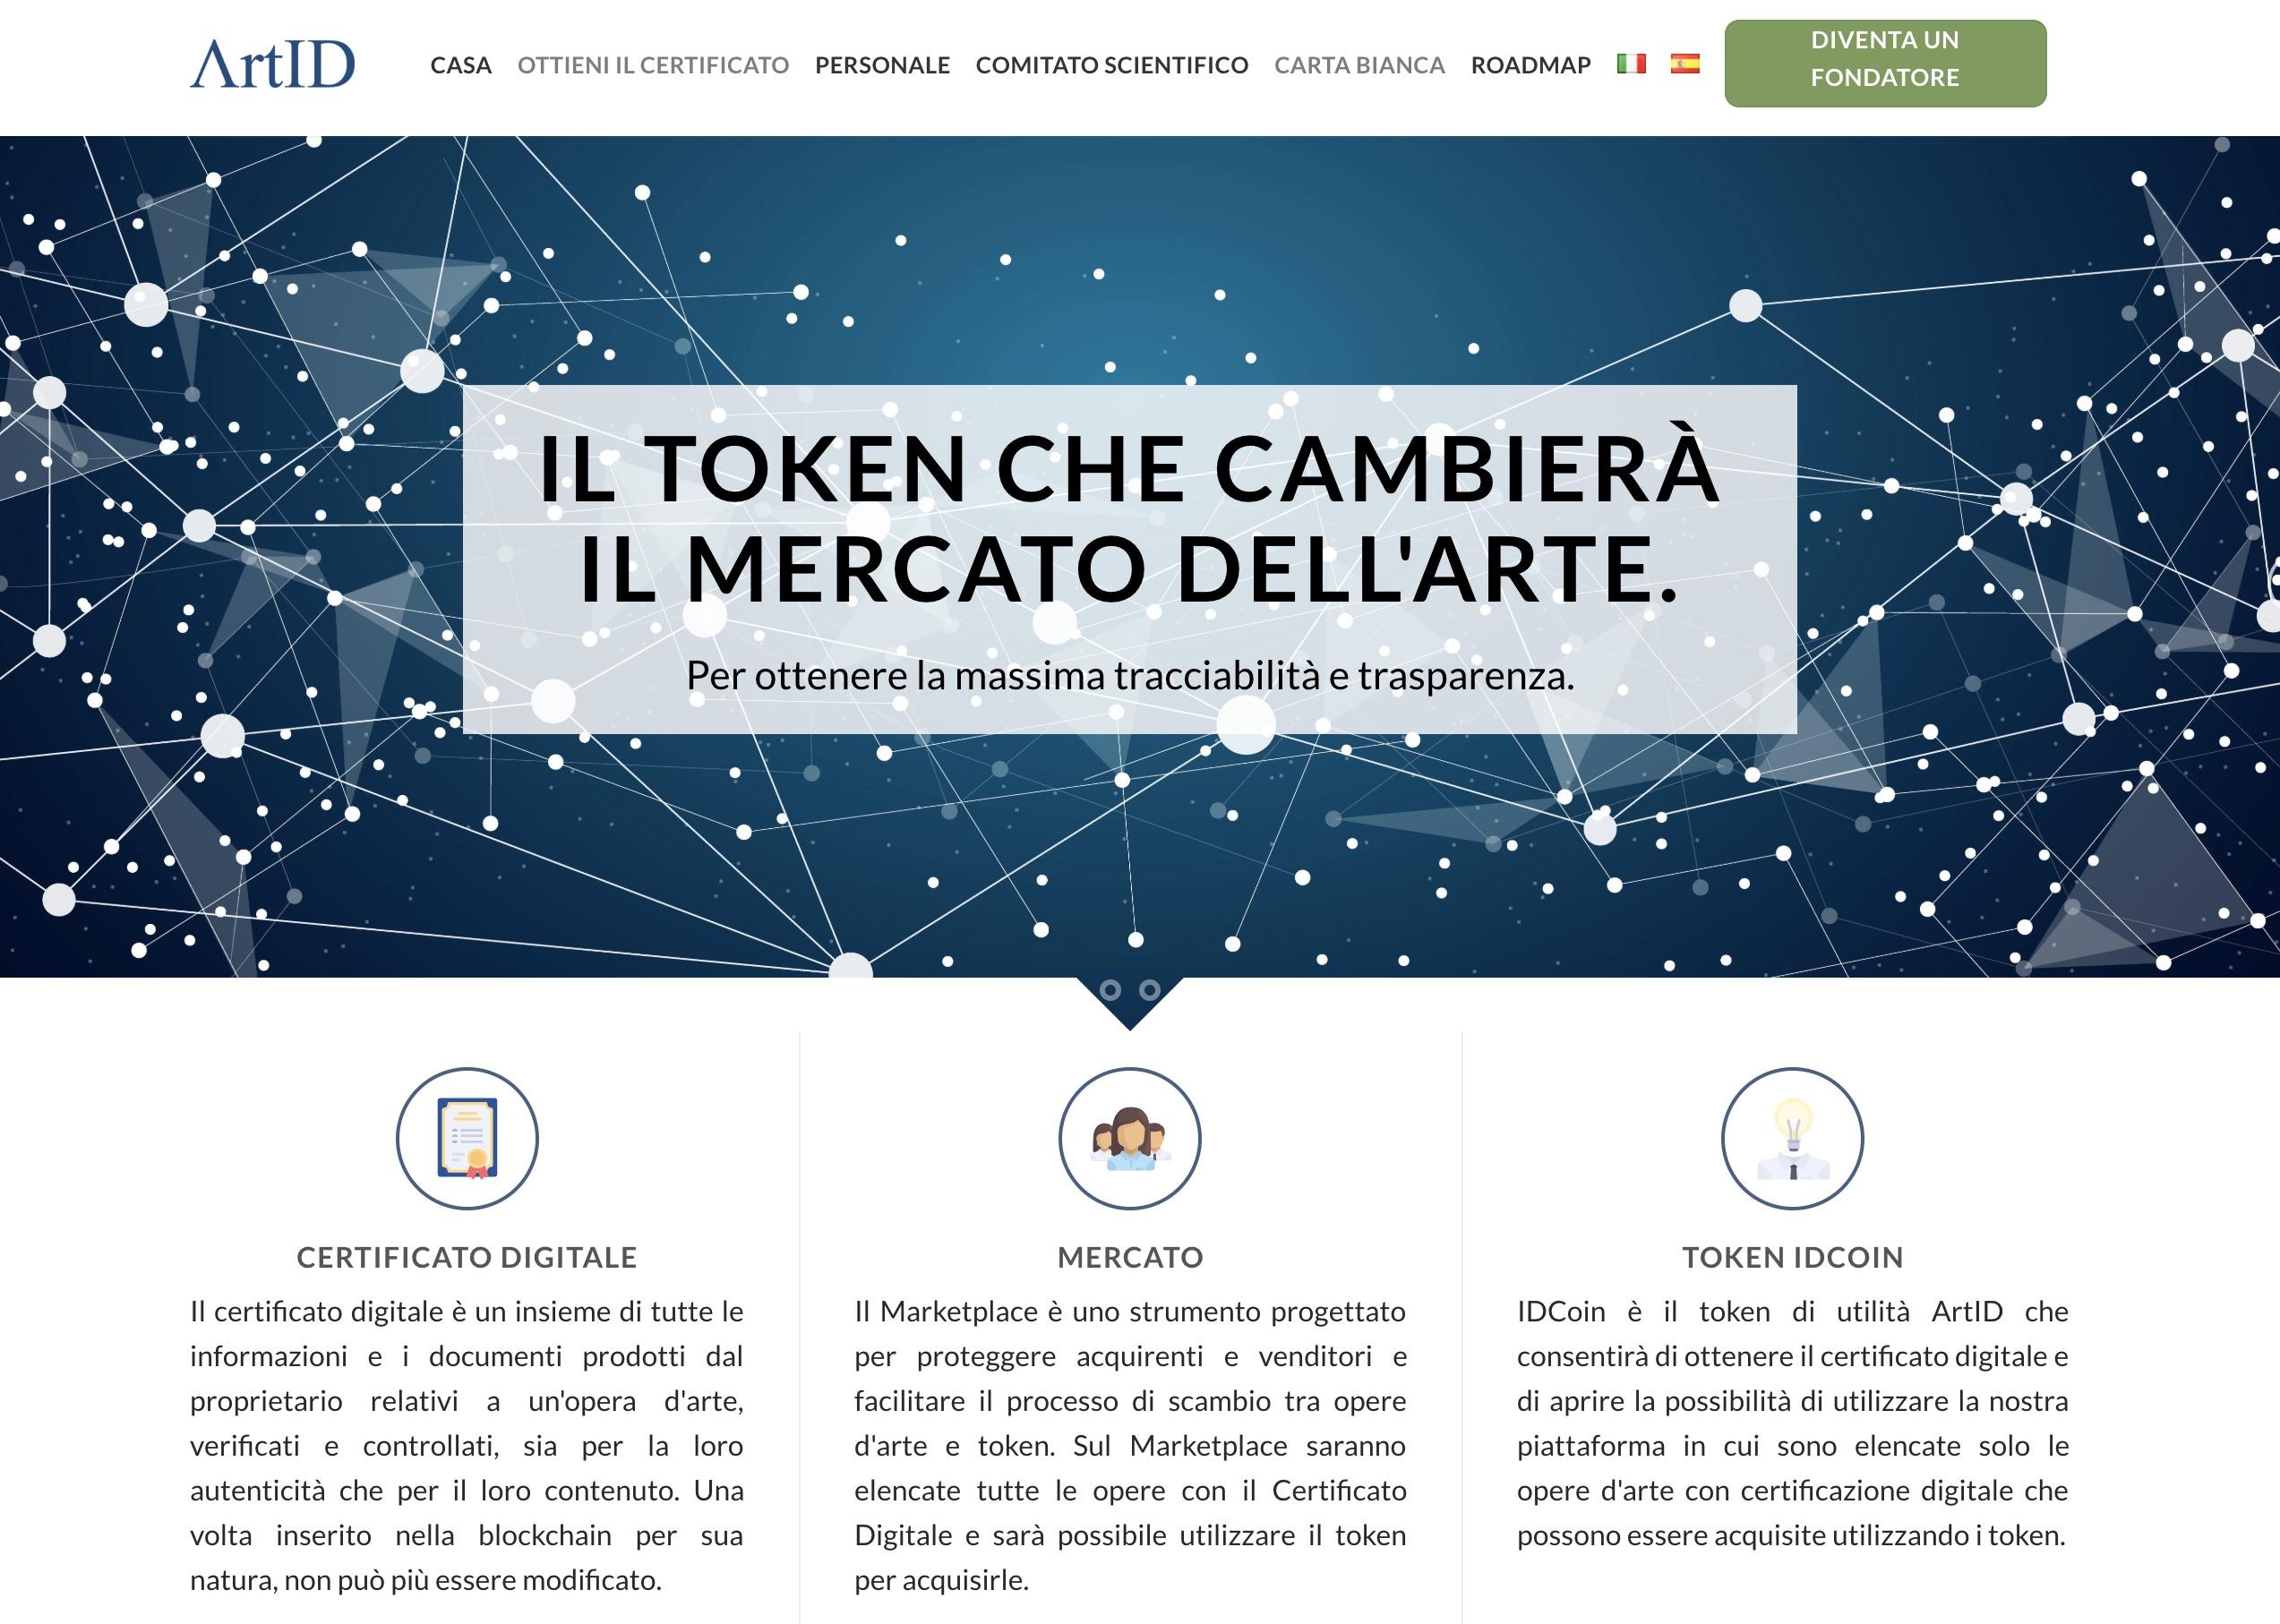 ArtID il certificato digitale per arte sulla blockchain oggi una realta tangibile - ArtID: il certificato digitale per l'arte sulla blockchain oggi è una realtà tangibile